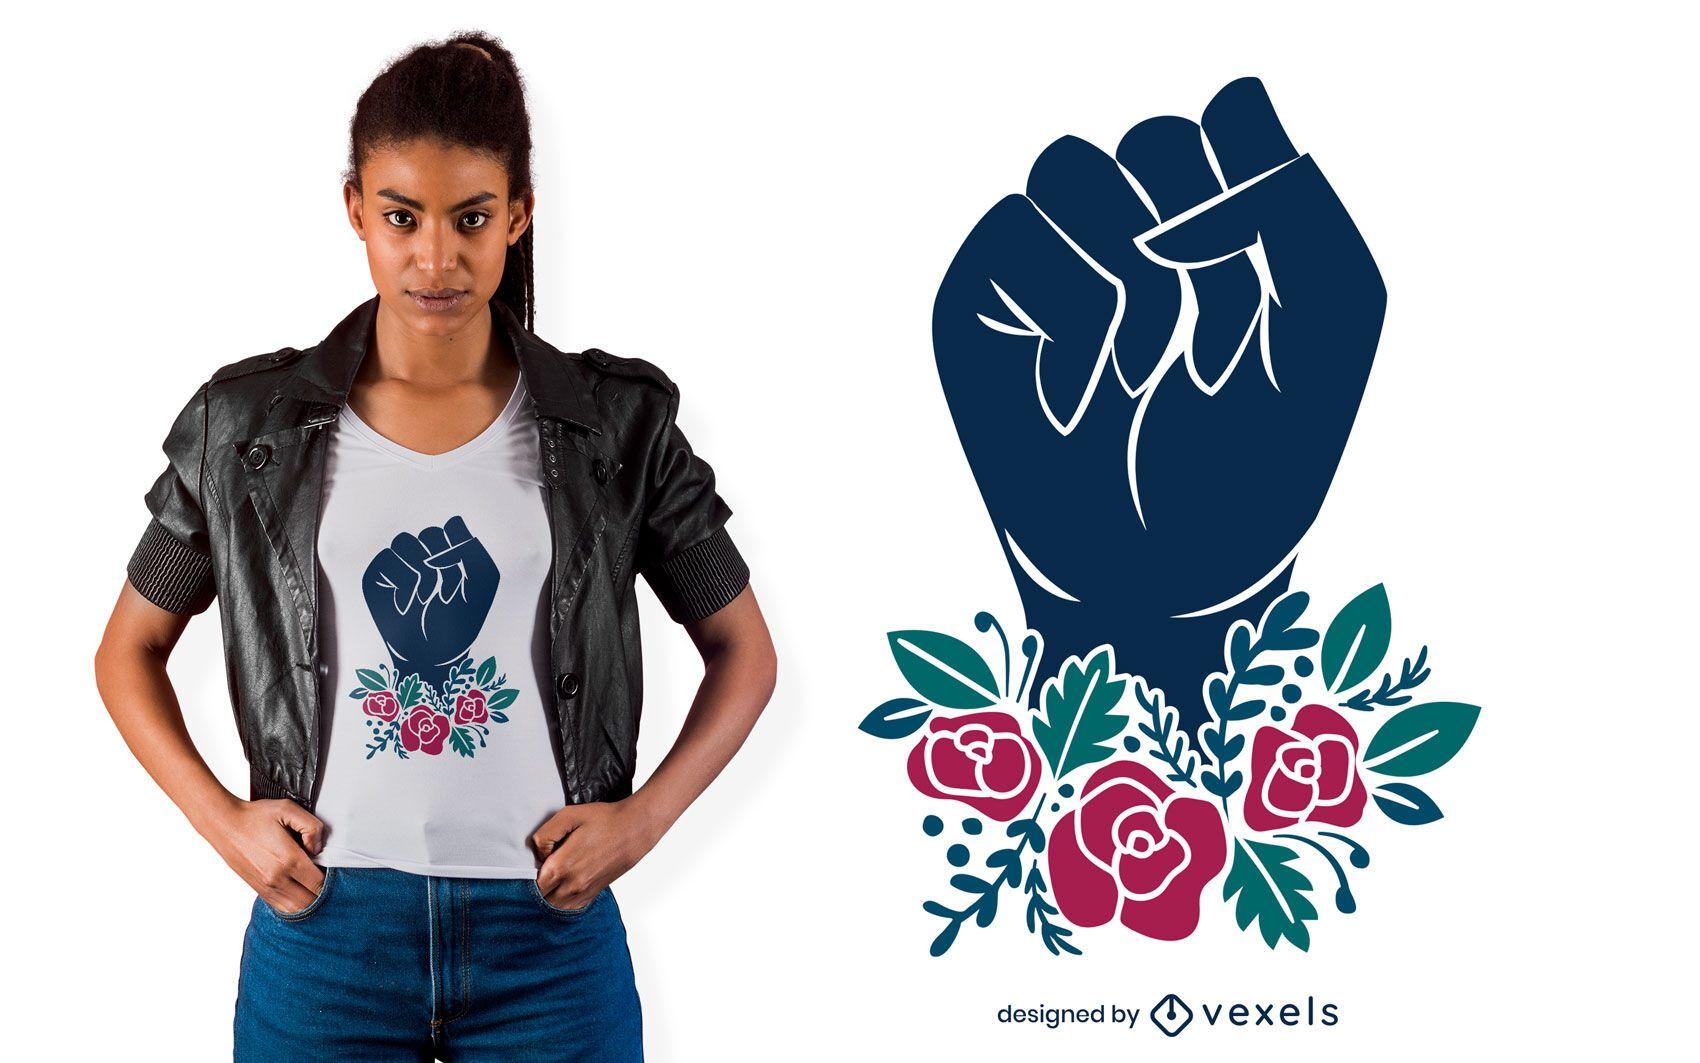 Flower Fist Rising T-shirt Design